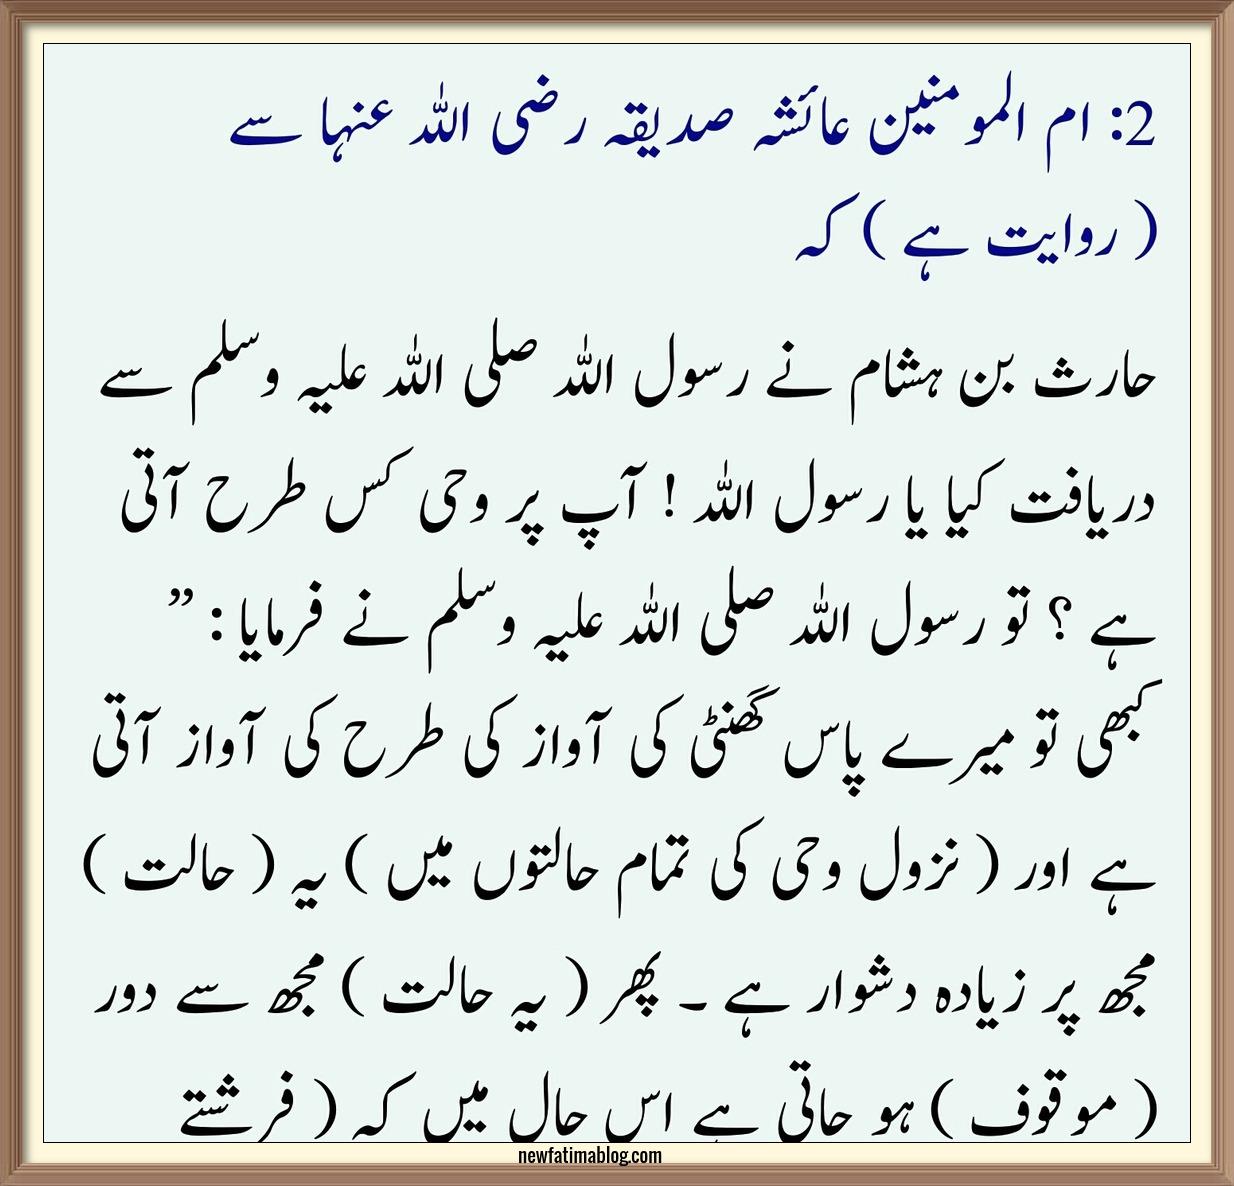 Sahih Bukhari Hadith 2 Nazool Wahi